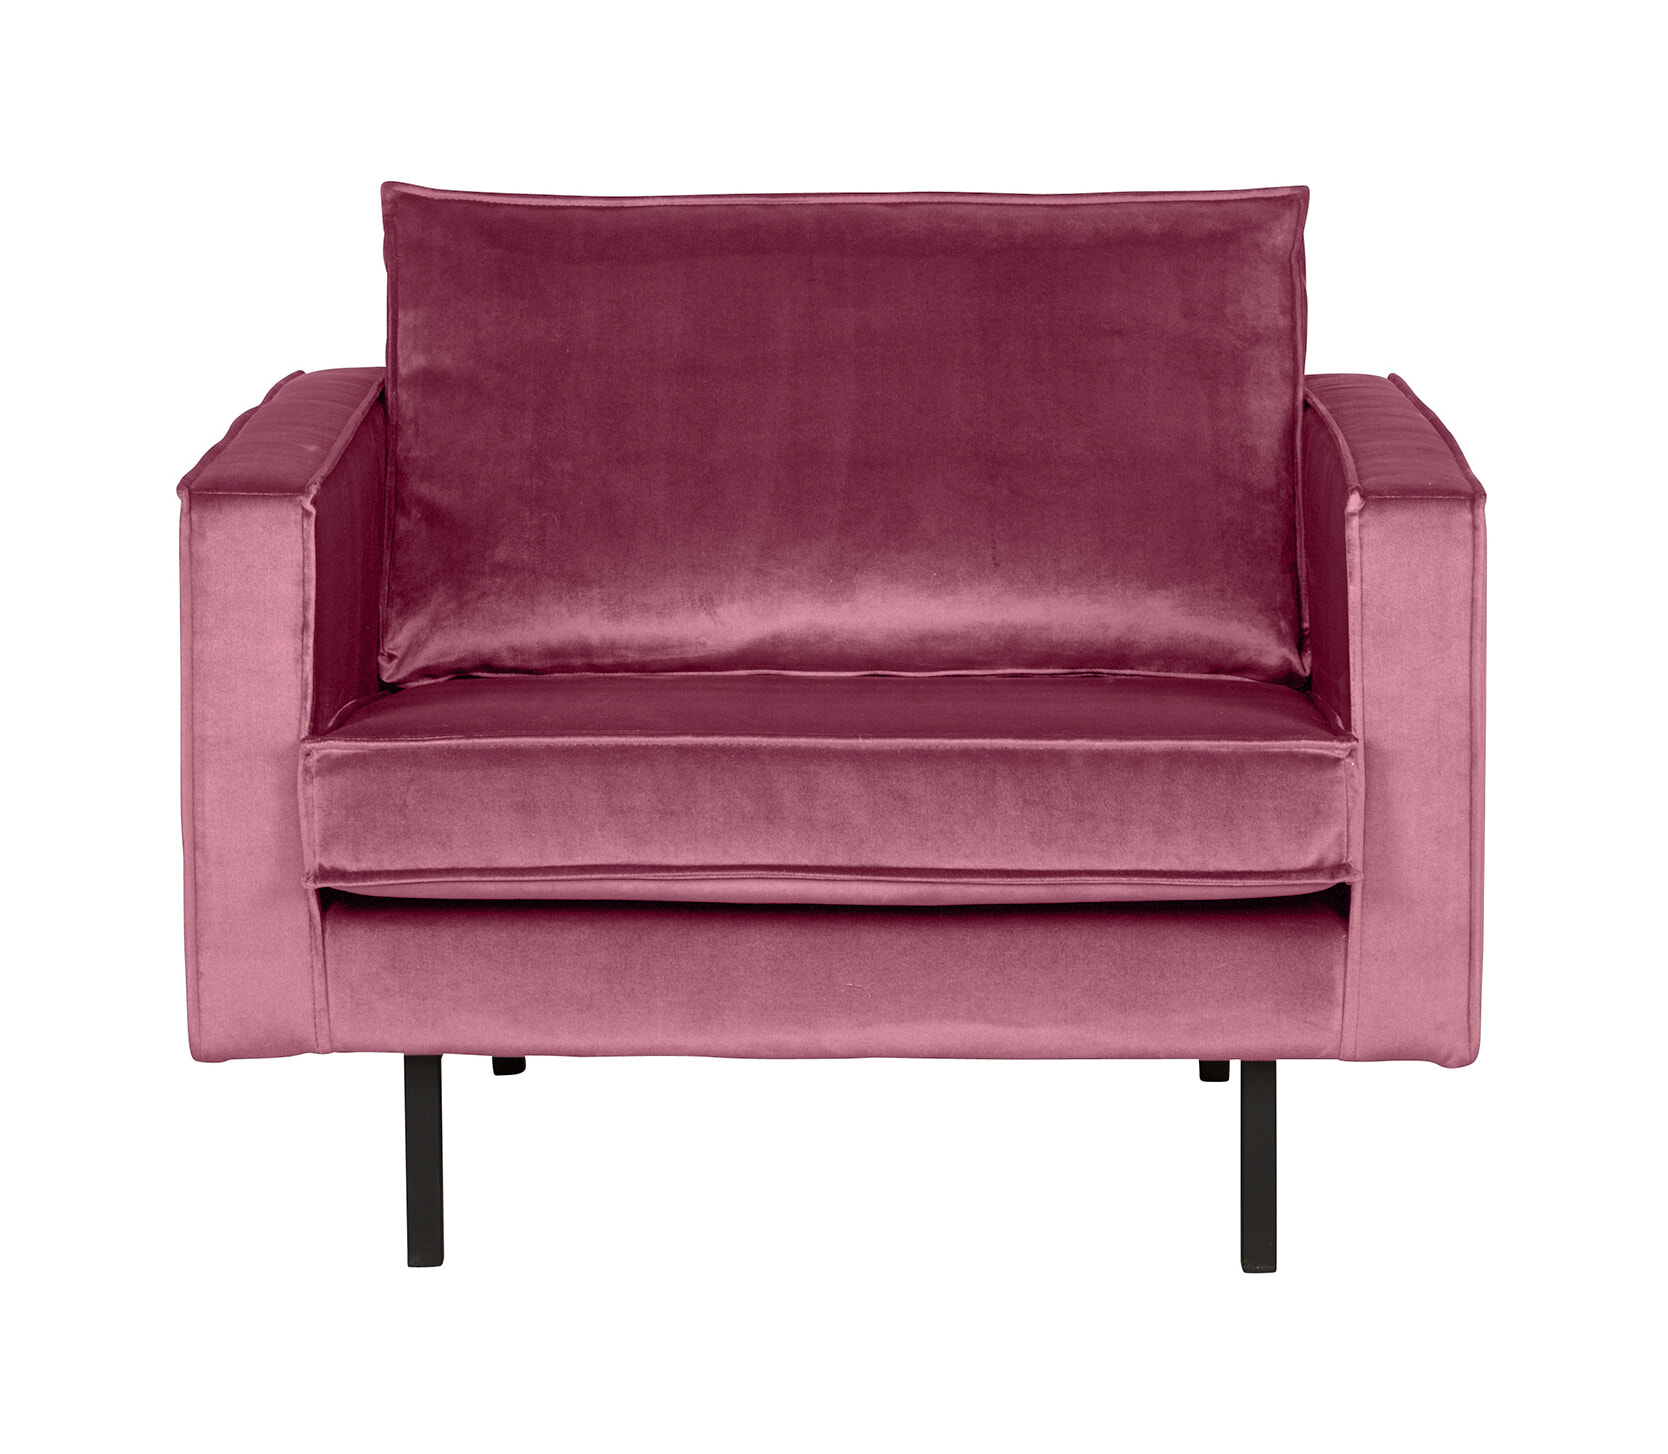 BePureHome Fauteuil 'Rodeo' Velvet, kleur Roze Zitmeubelen | Fauteuils vergelijken doe je het voordeligst hier bij Meubelpartner